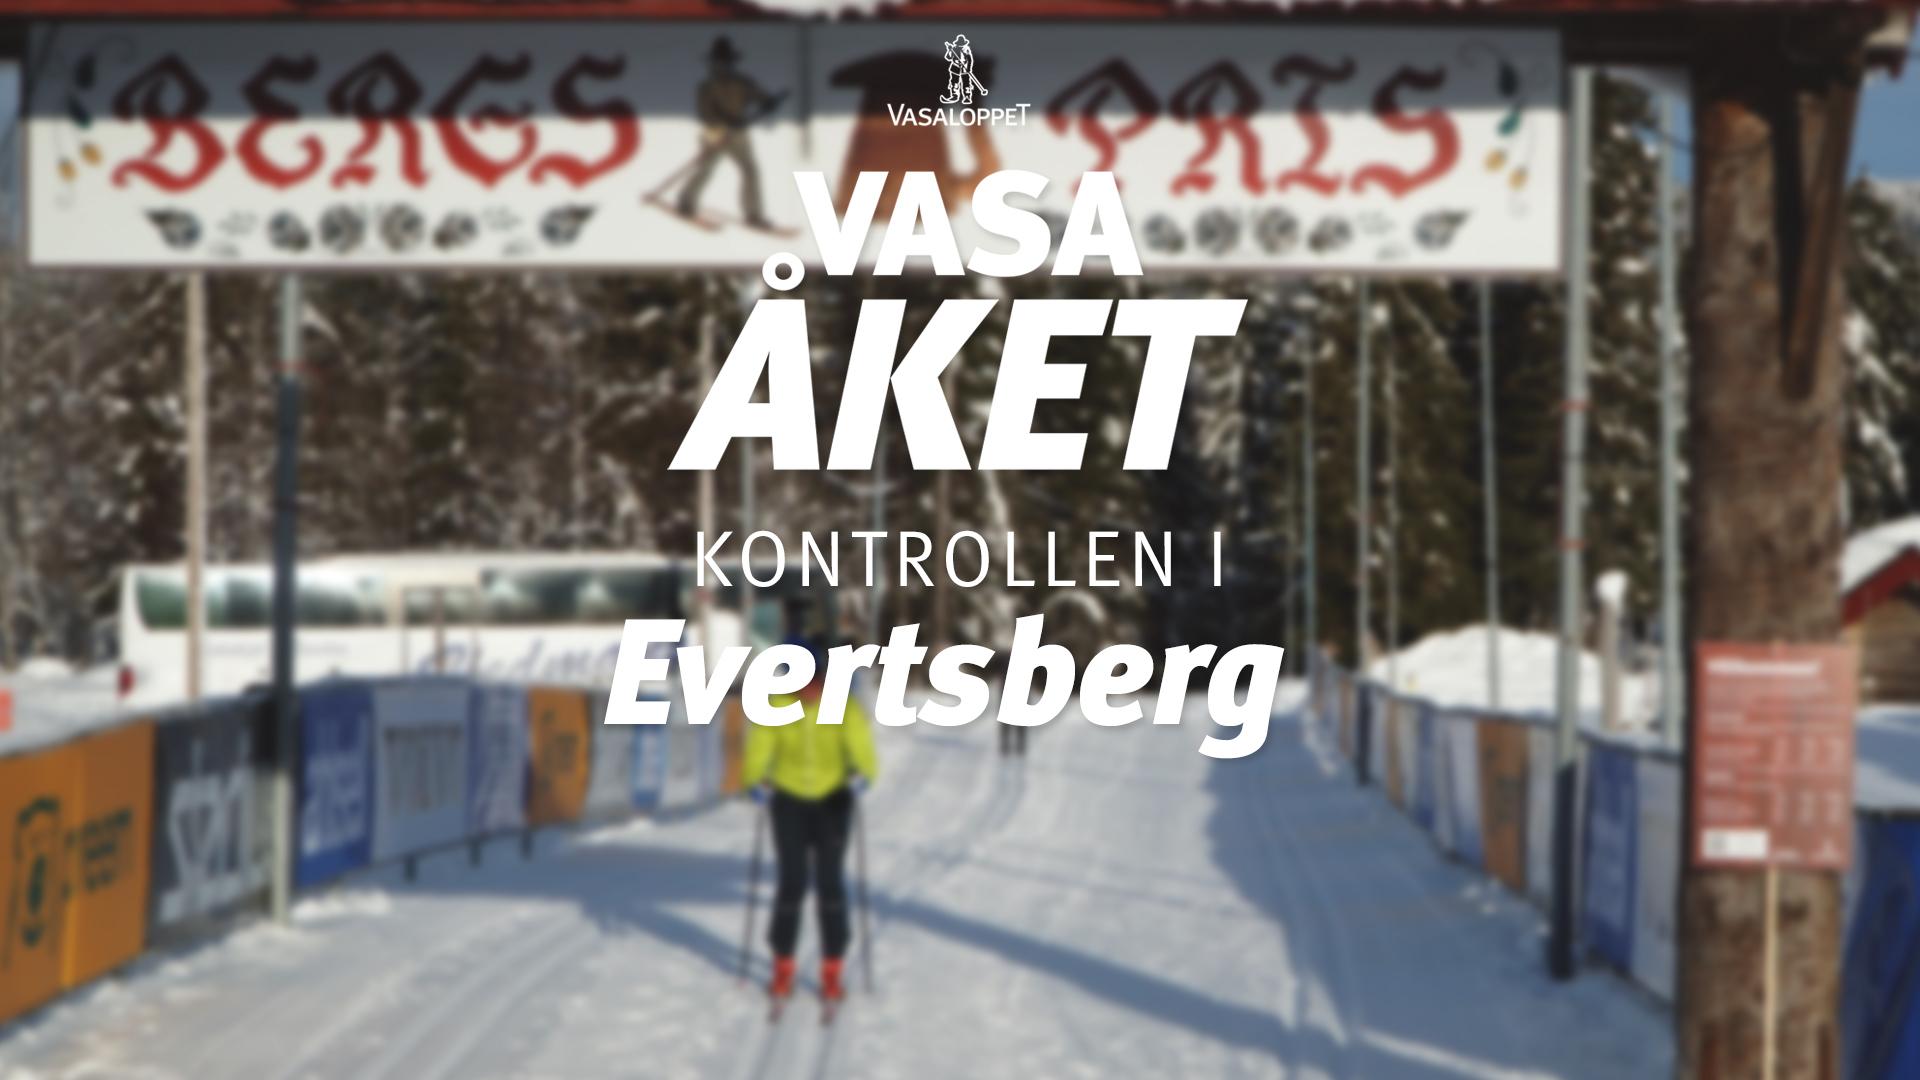 28 februari, 2021 – Evertsberg